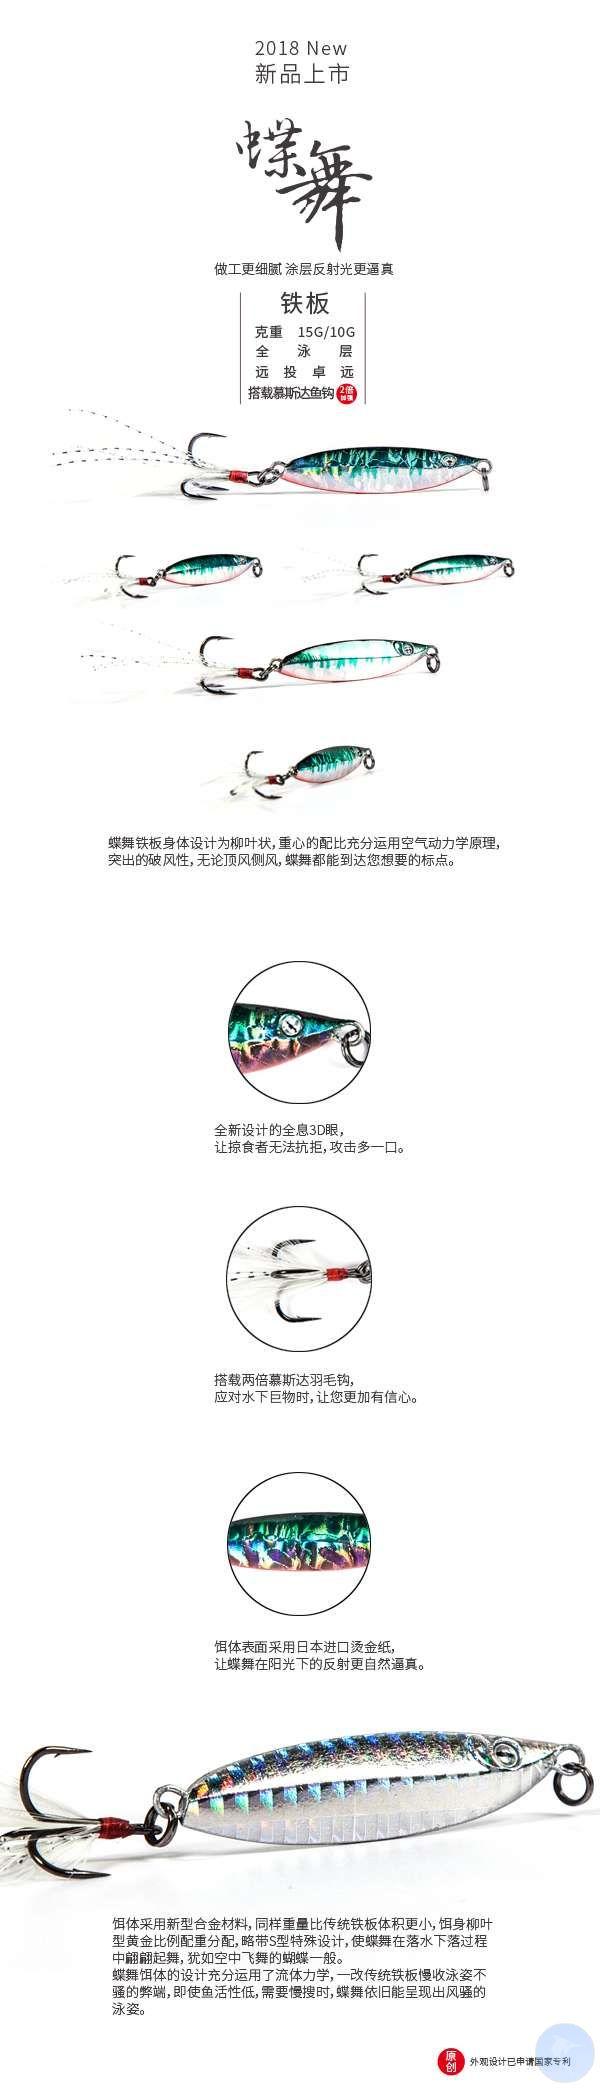 蝶舞详情1.jpg